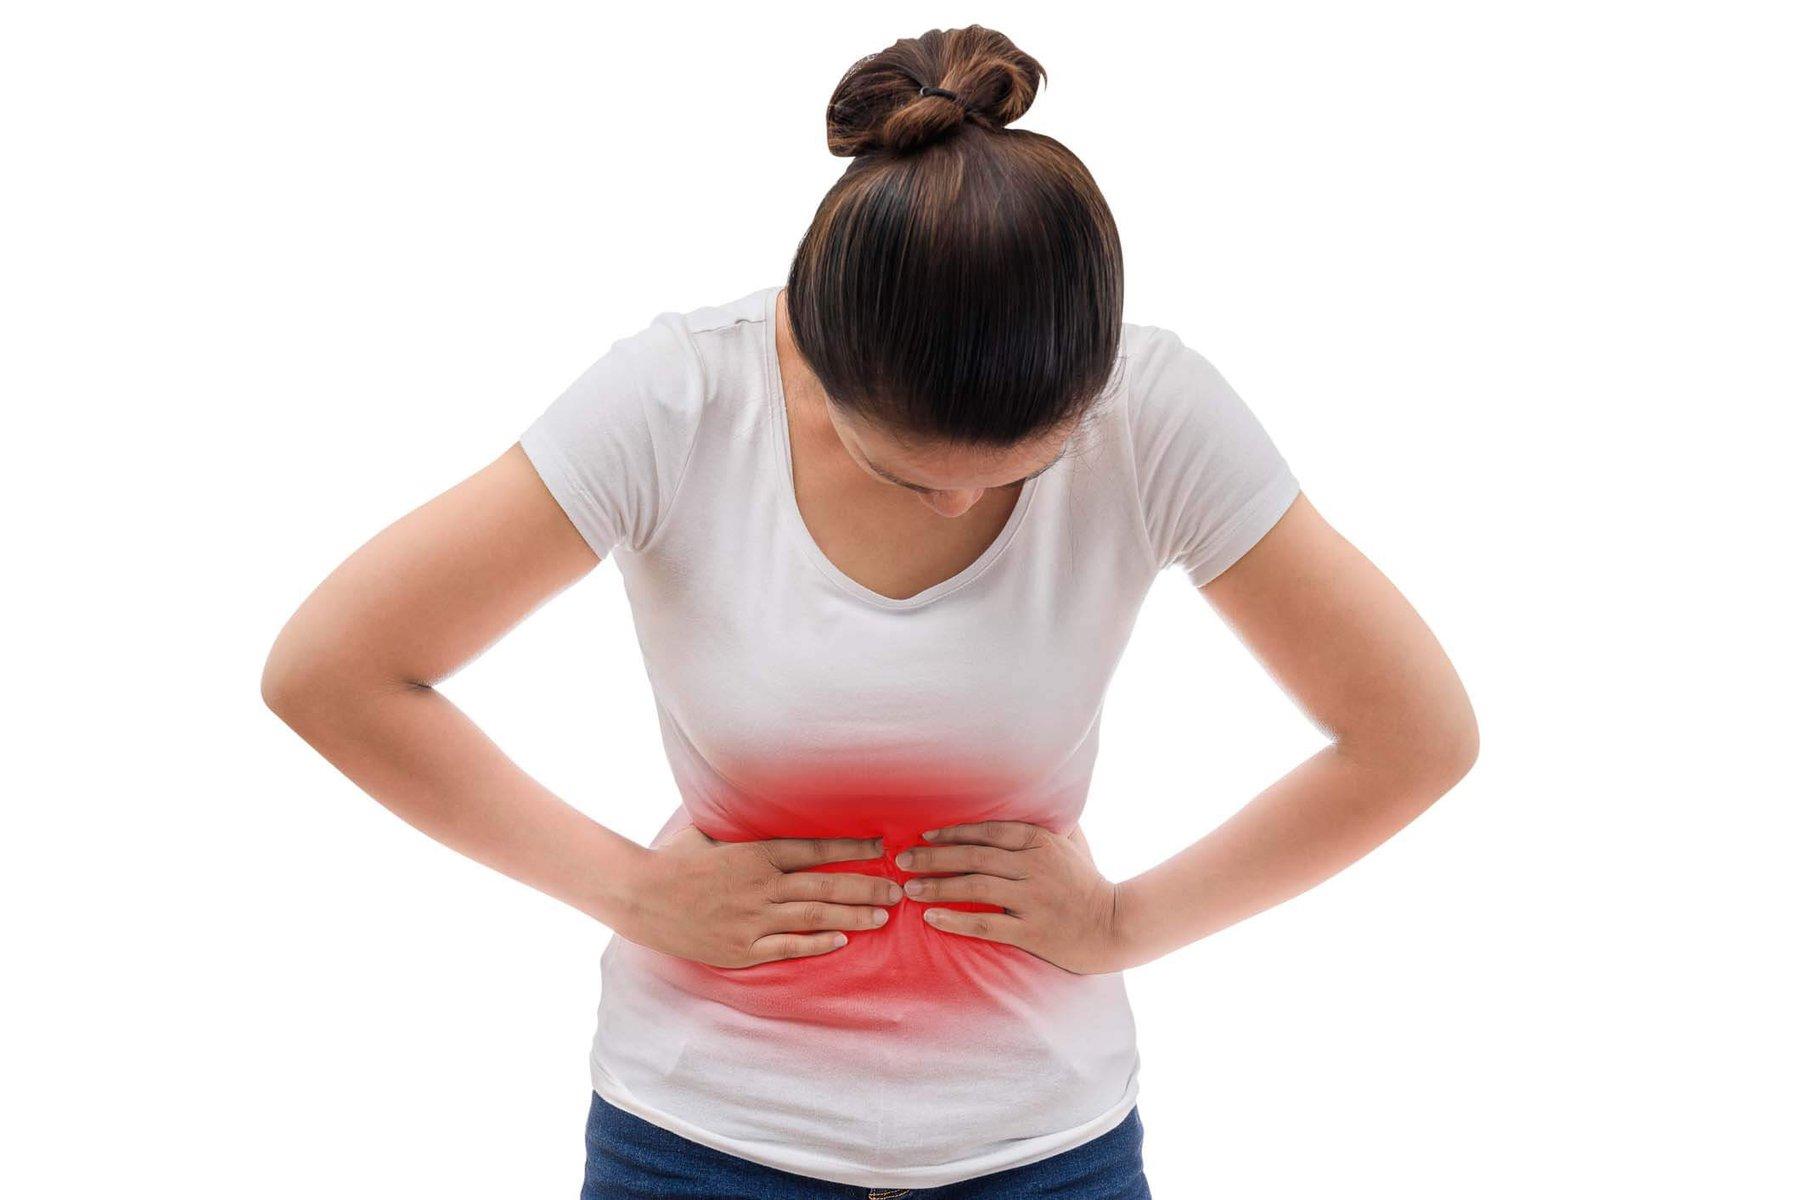 Polyp túi mật là bệnh gì, Triệu chứng và có cần phải điều trị không? - ảnh 2